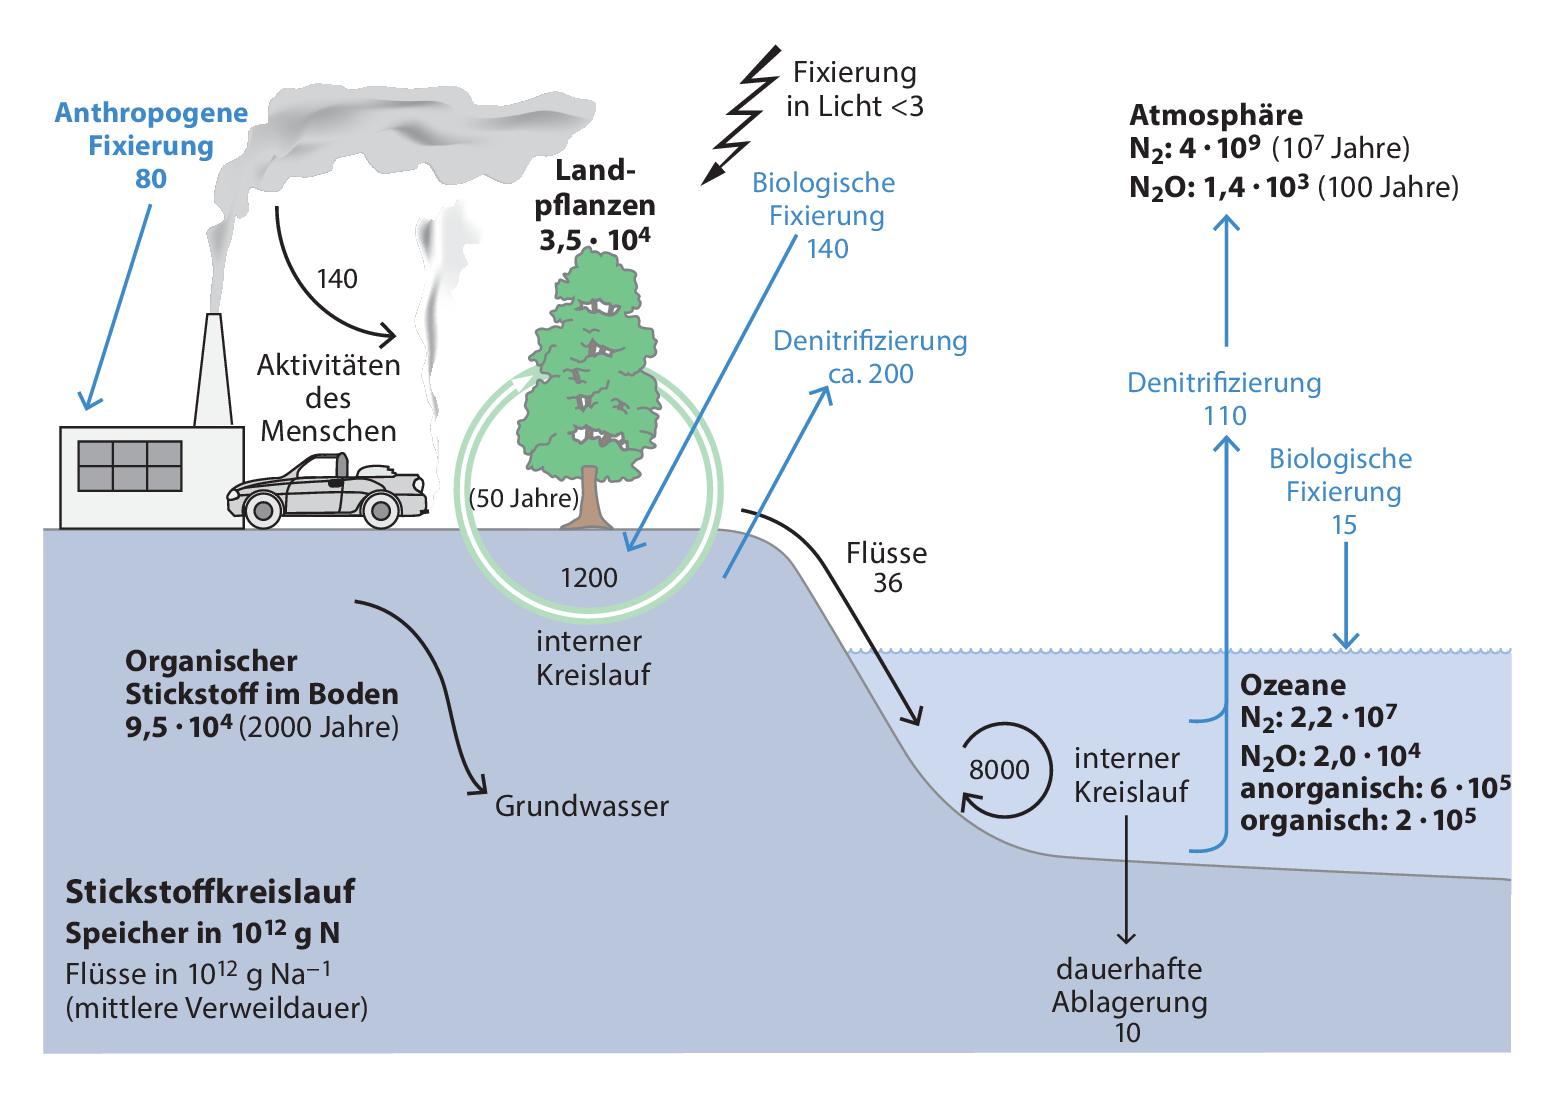 Pflanzen in Ökosystemen   SpringerLink